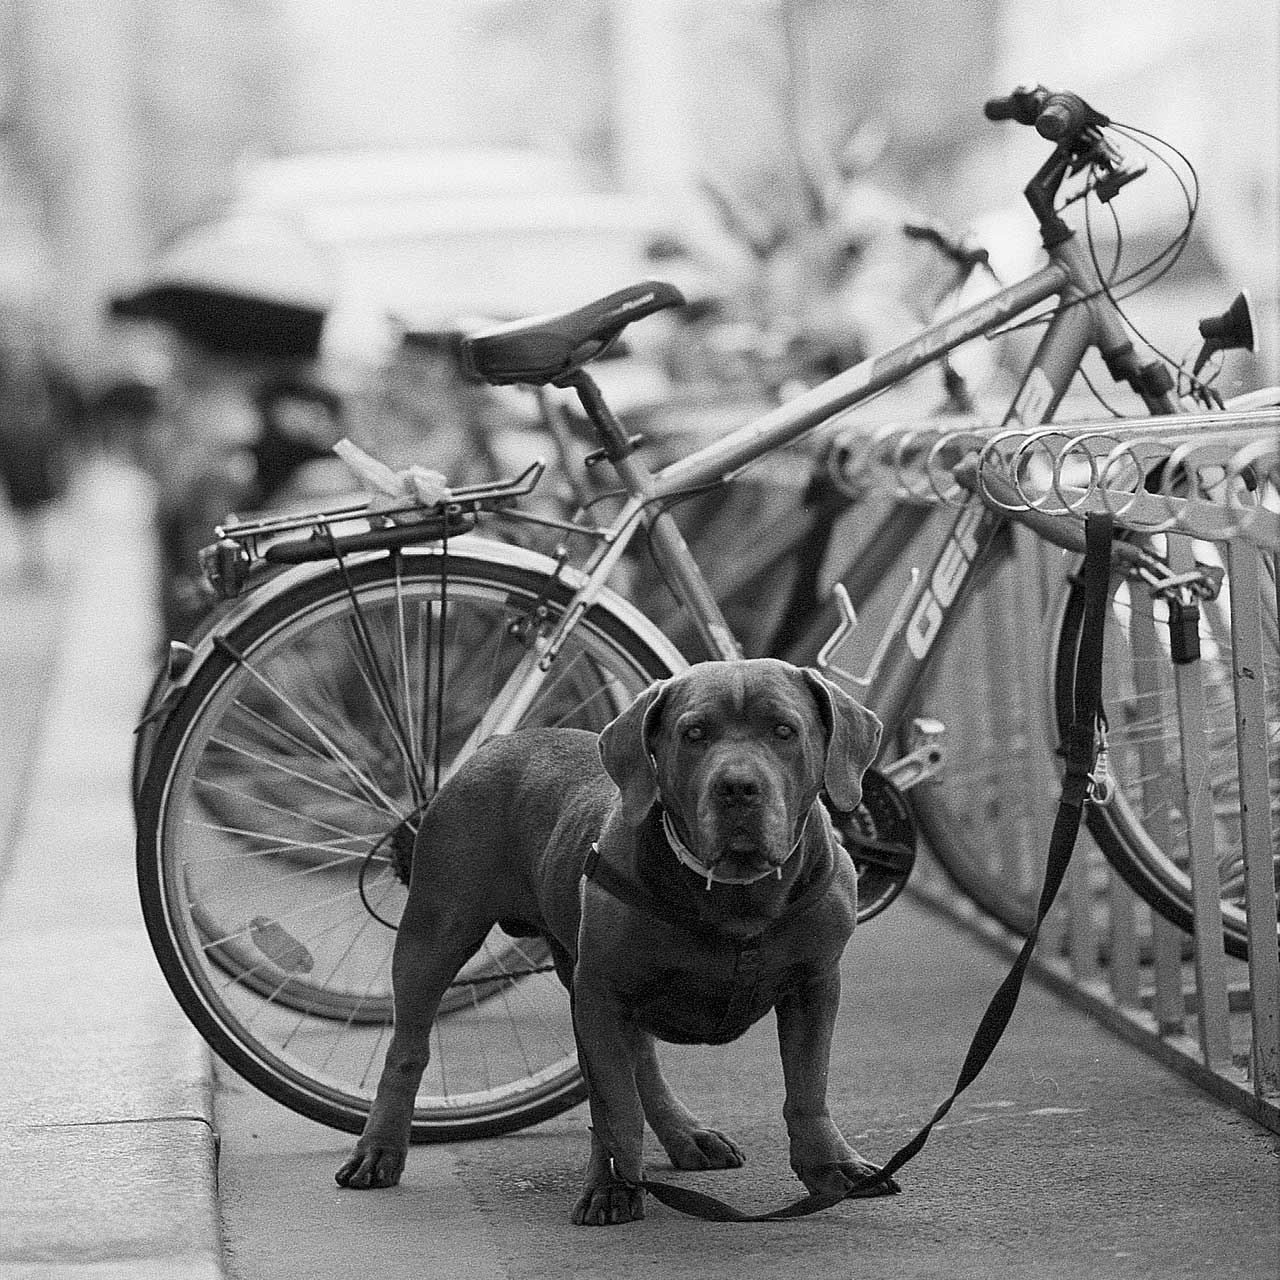 Fahrradpass schützt dein Bike aktive vor Fahrraddiebstahl